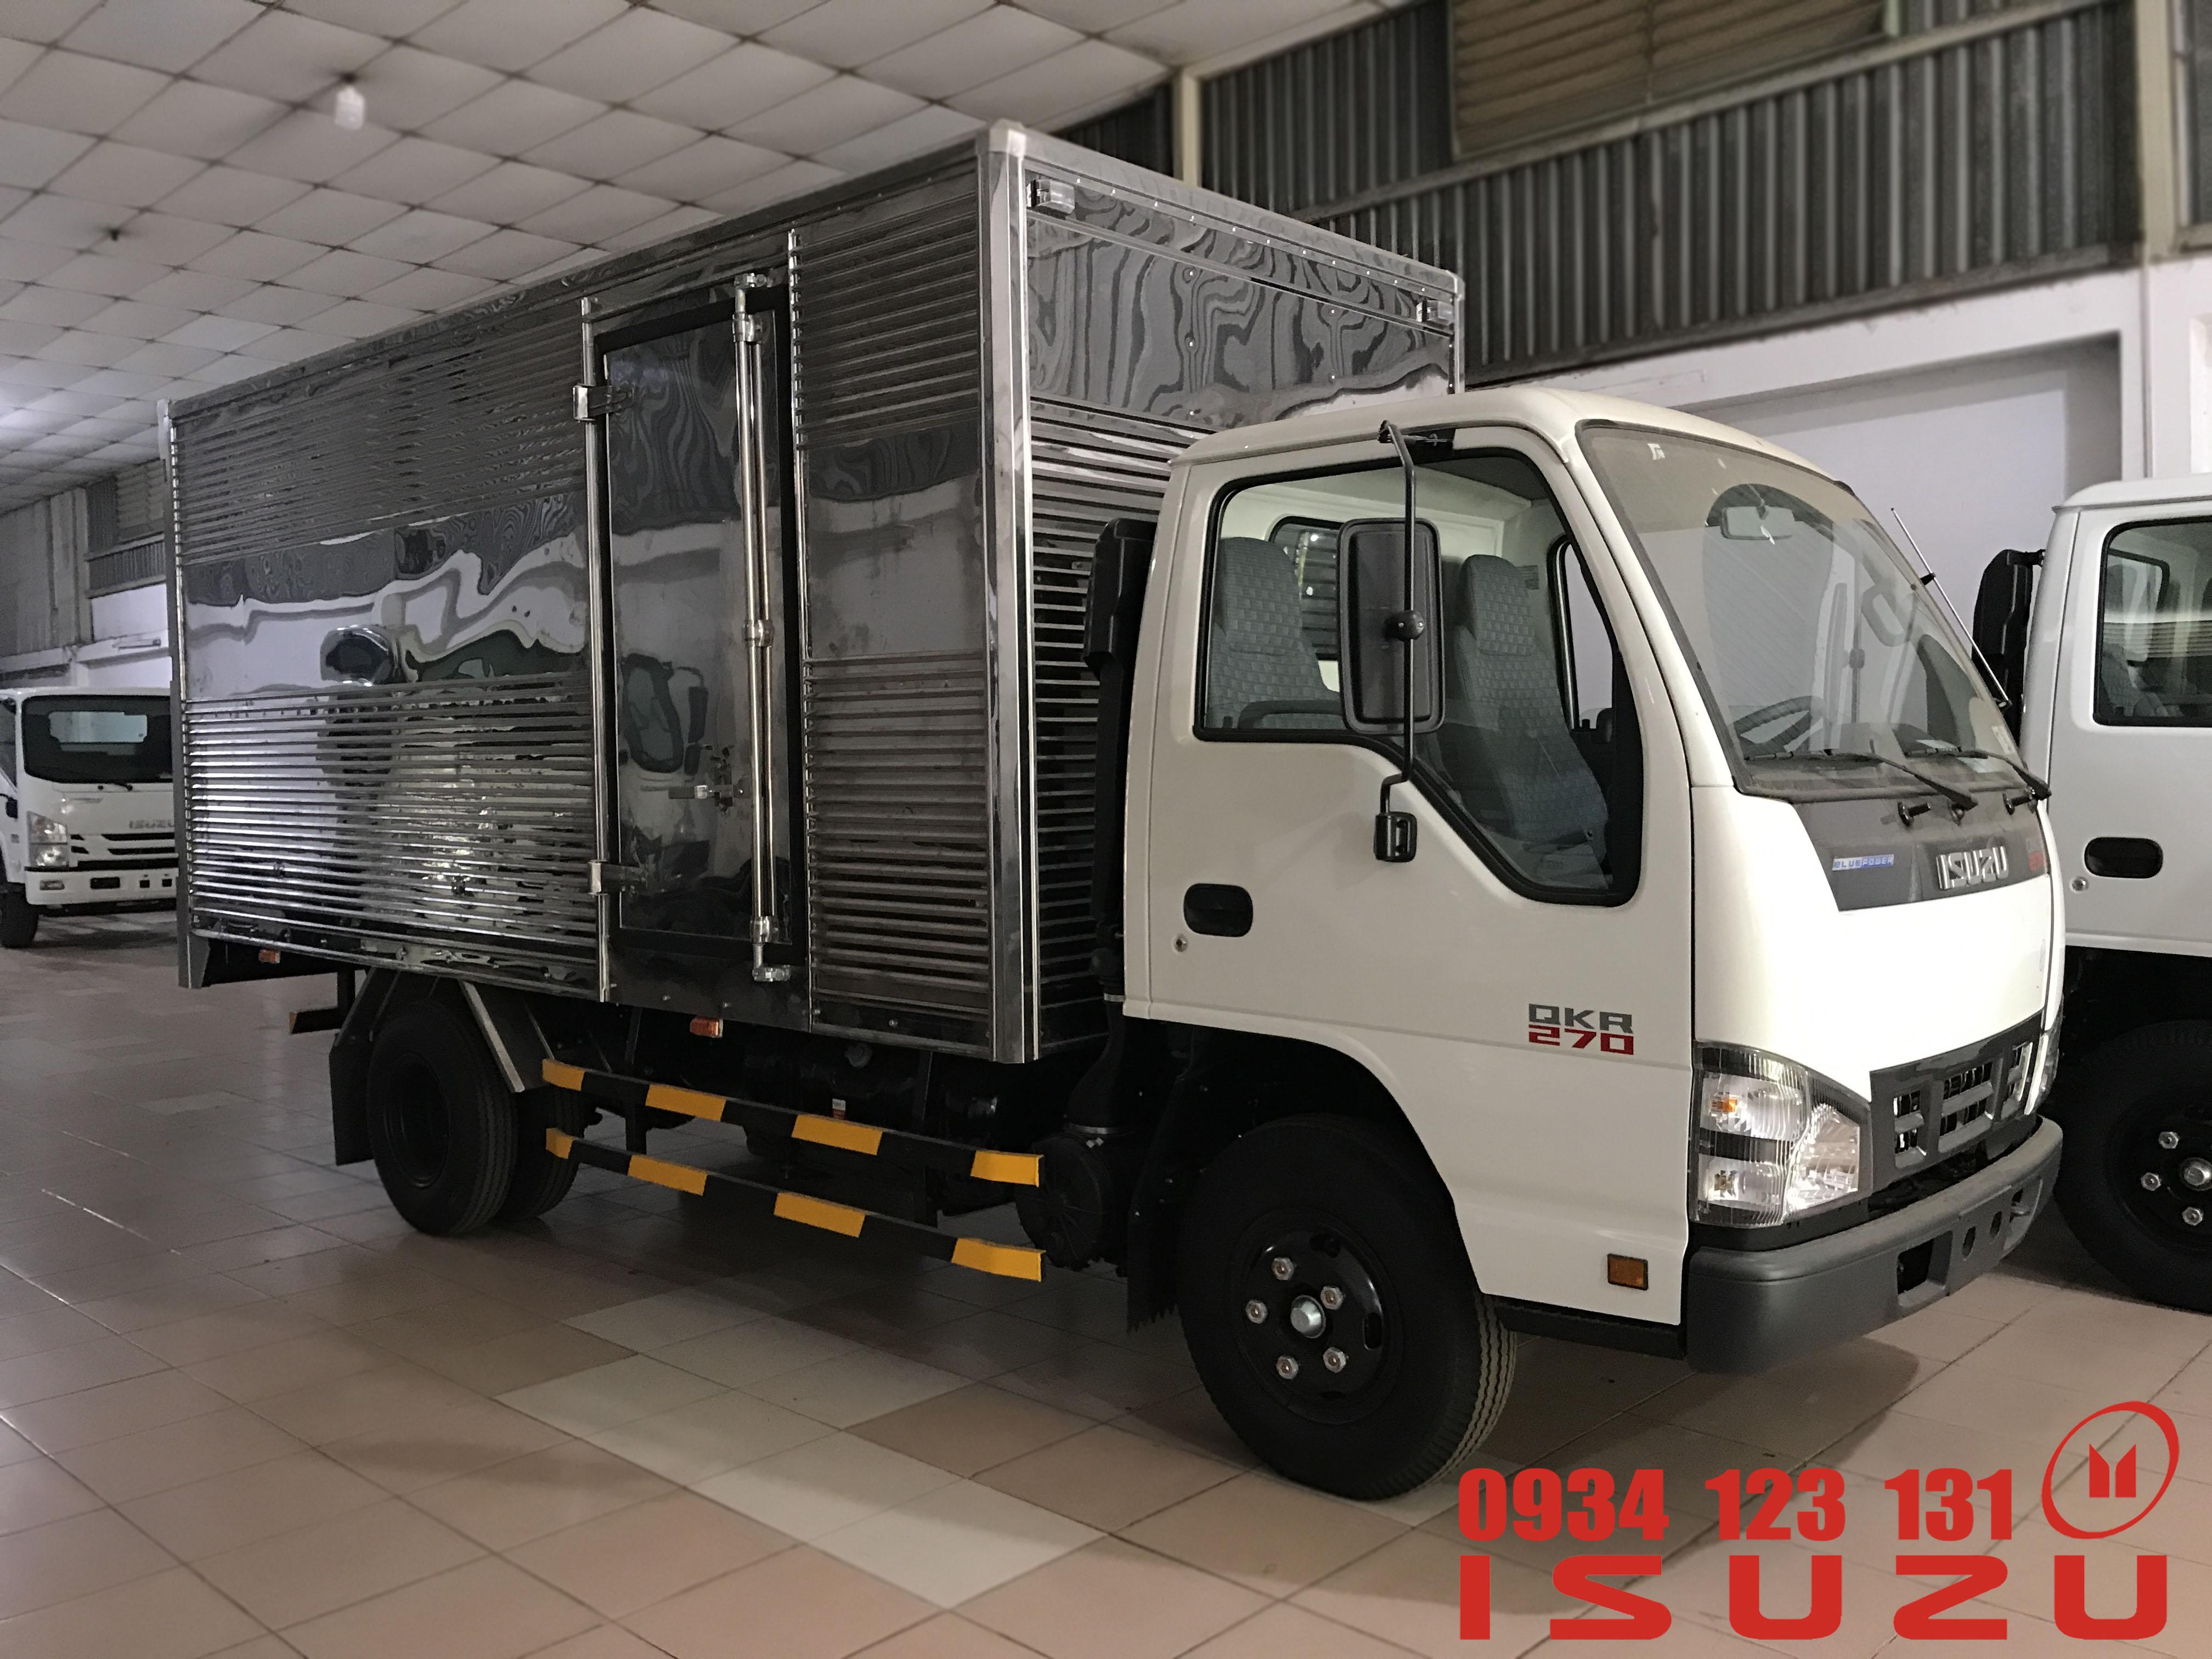 xe tải isuzu 2t3 qkr